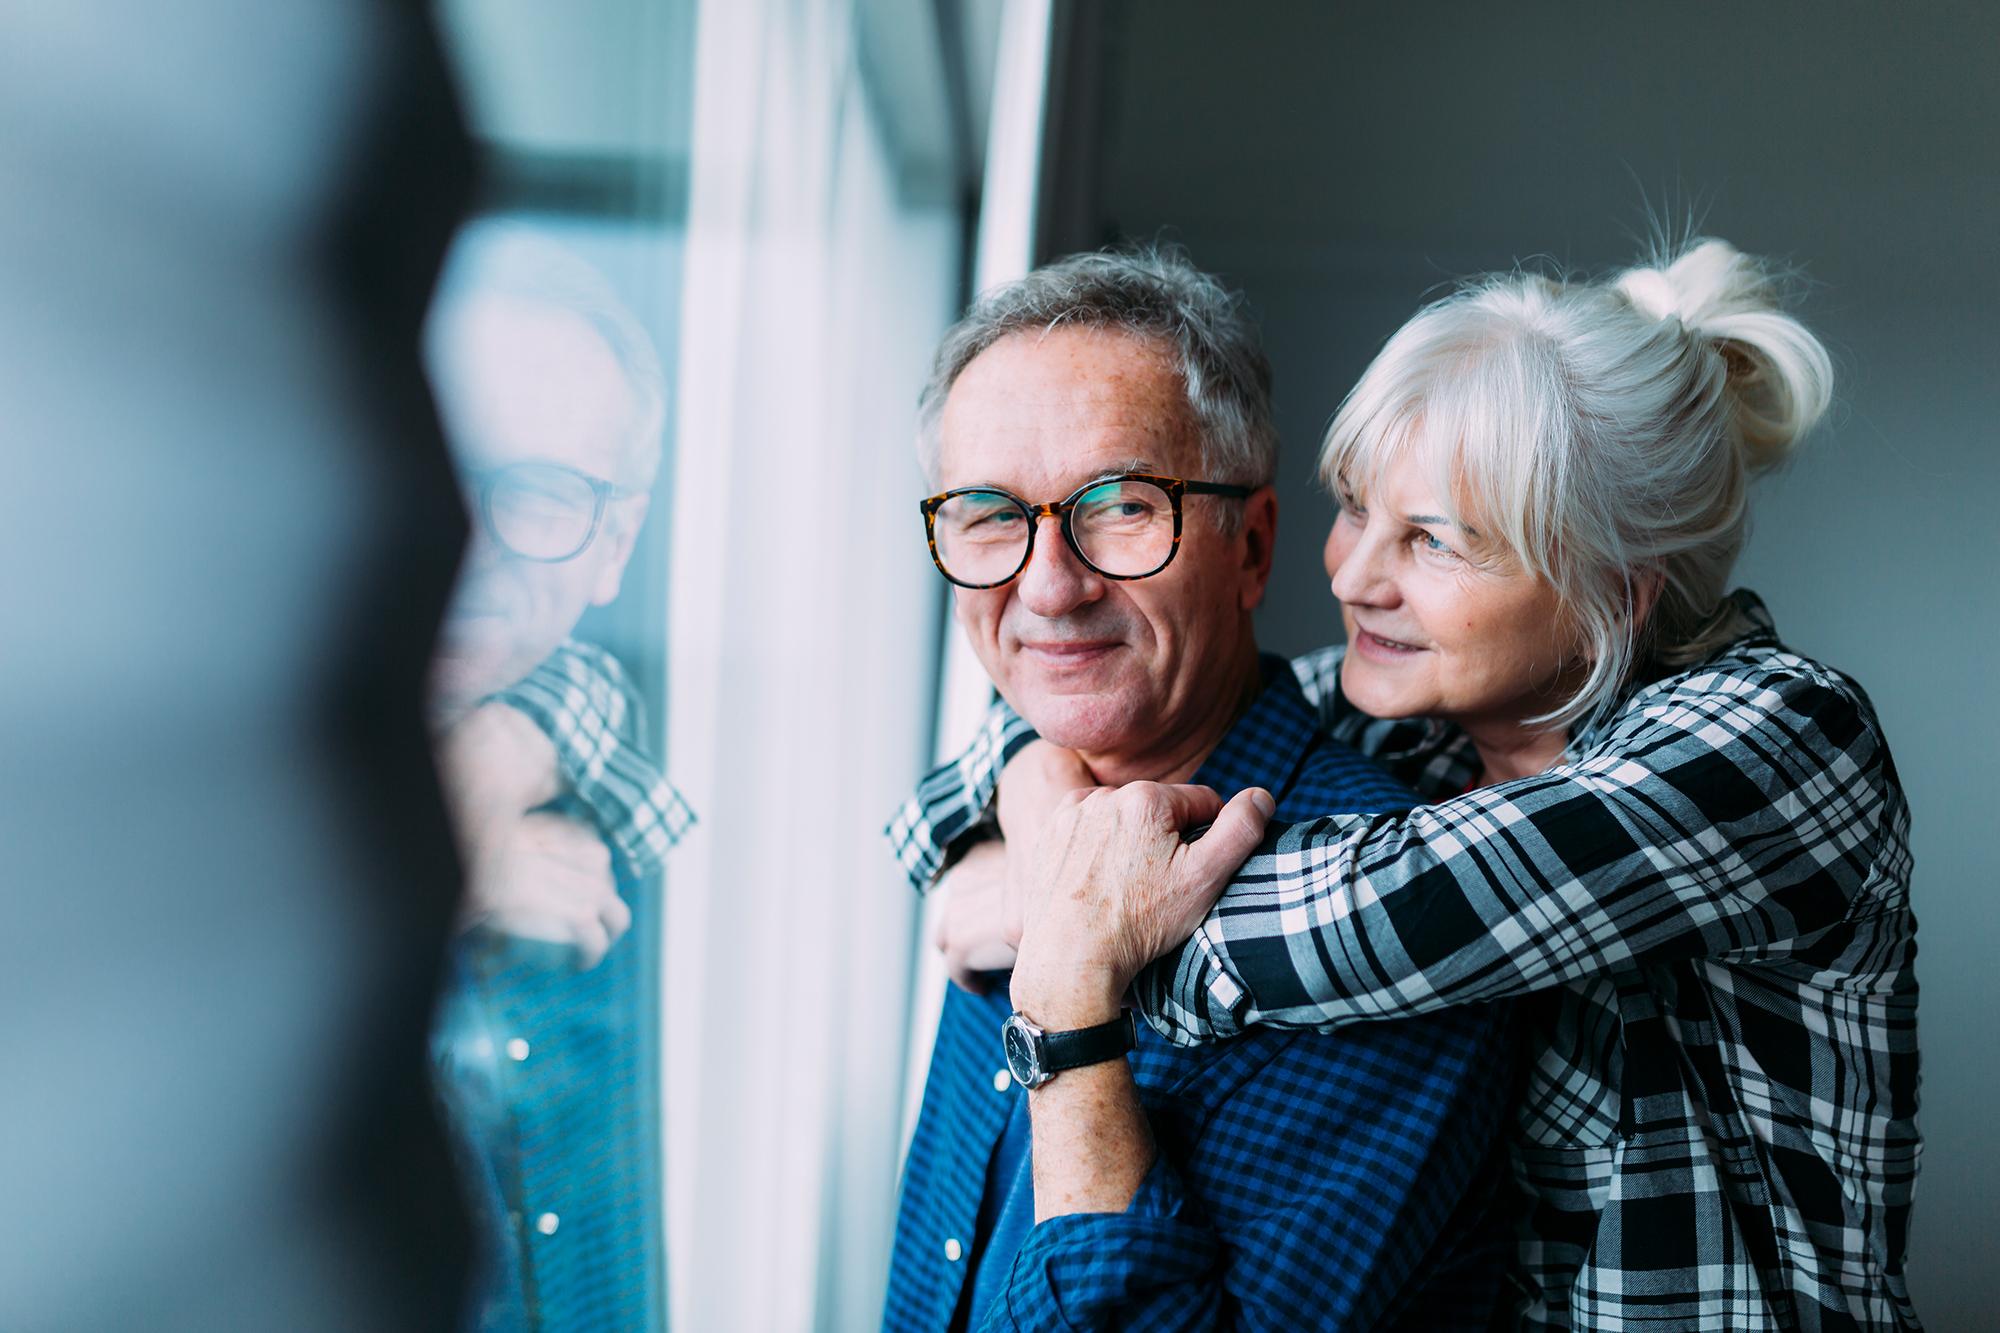 Sei pensionato? Con Solidus la vacanza è gratuita - Progetto solidale destinato agli over 65